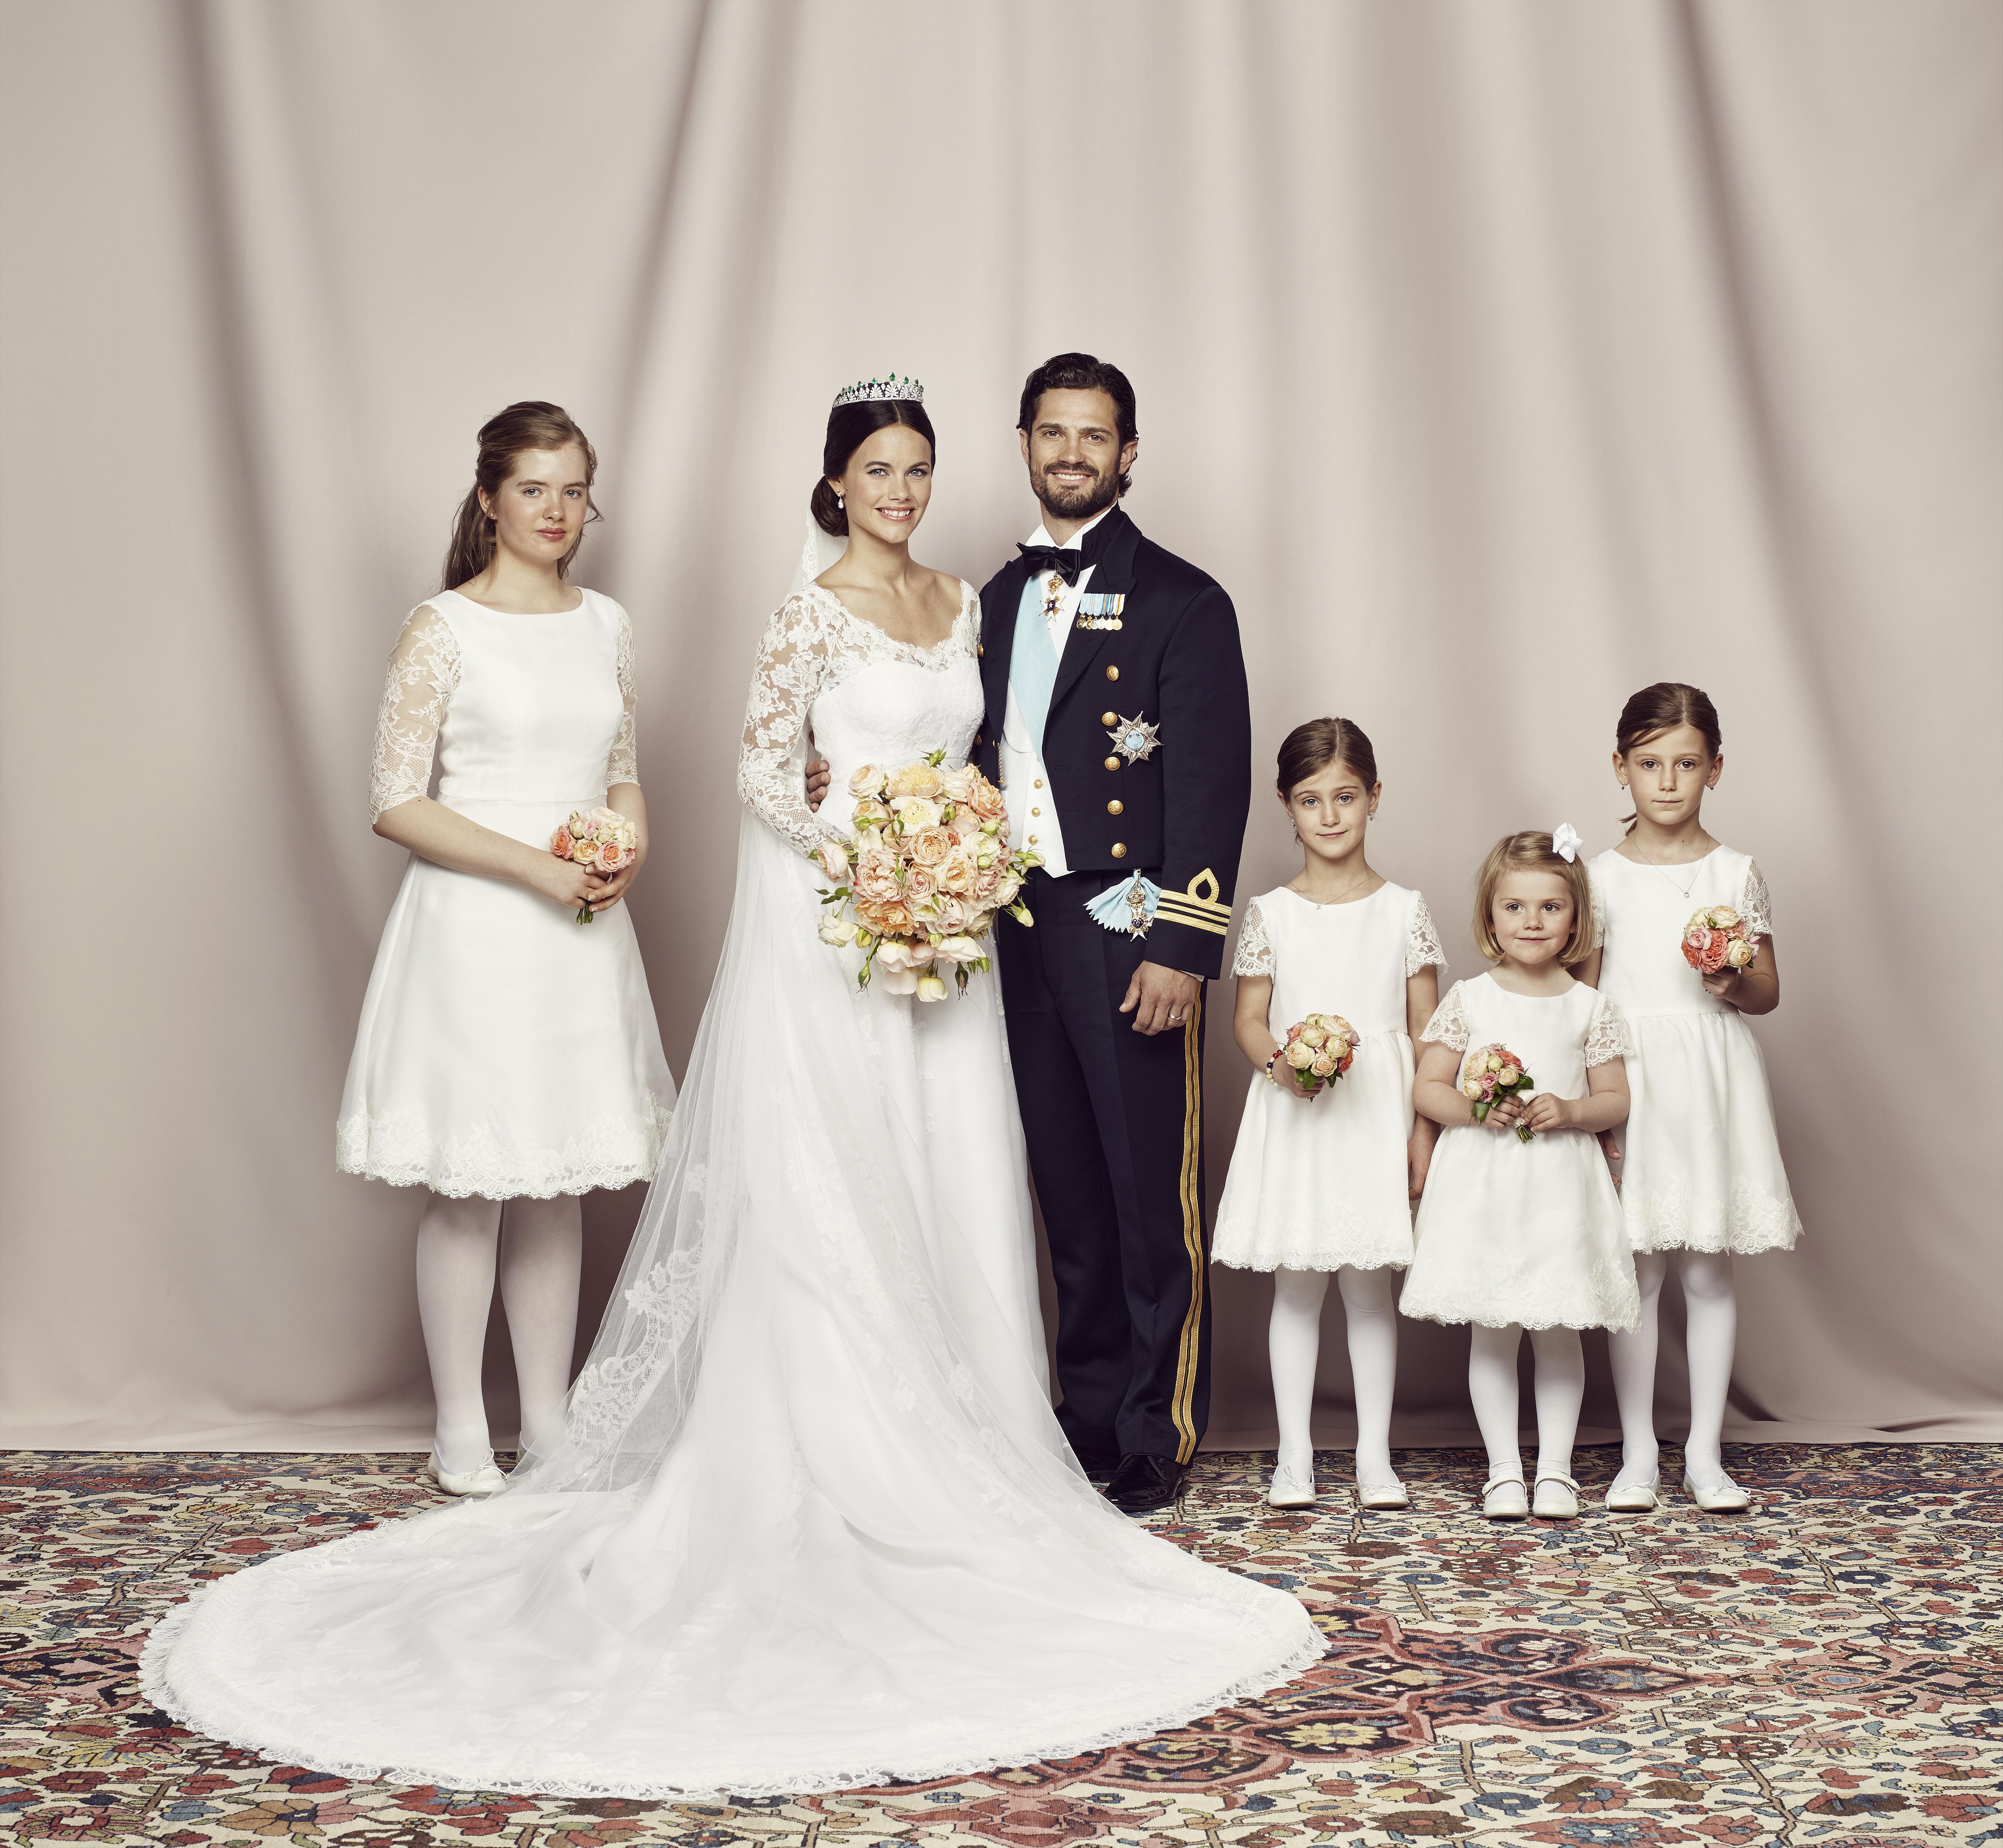 زواج الأمير كارل فيليب والأميرة صوفيا- الصورة من موقع Royal central